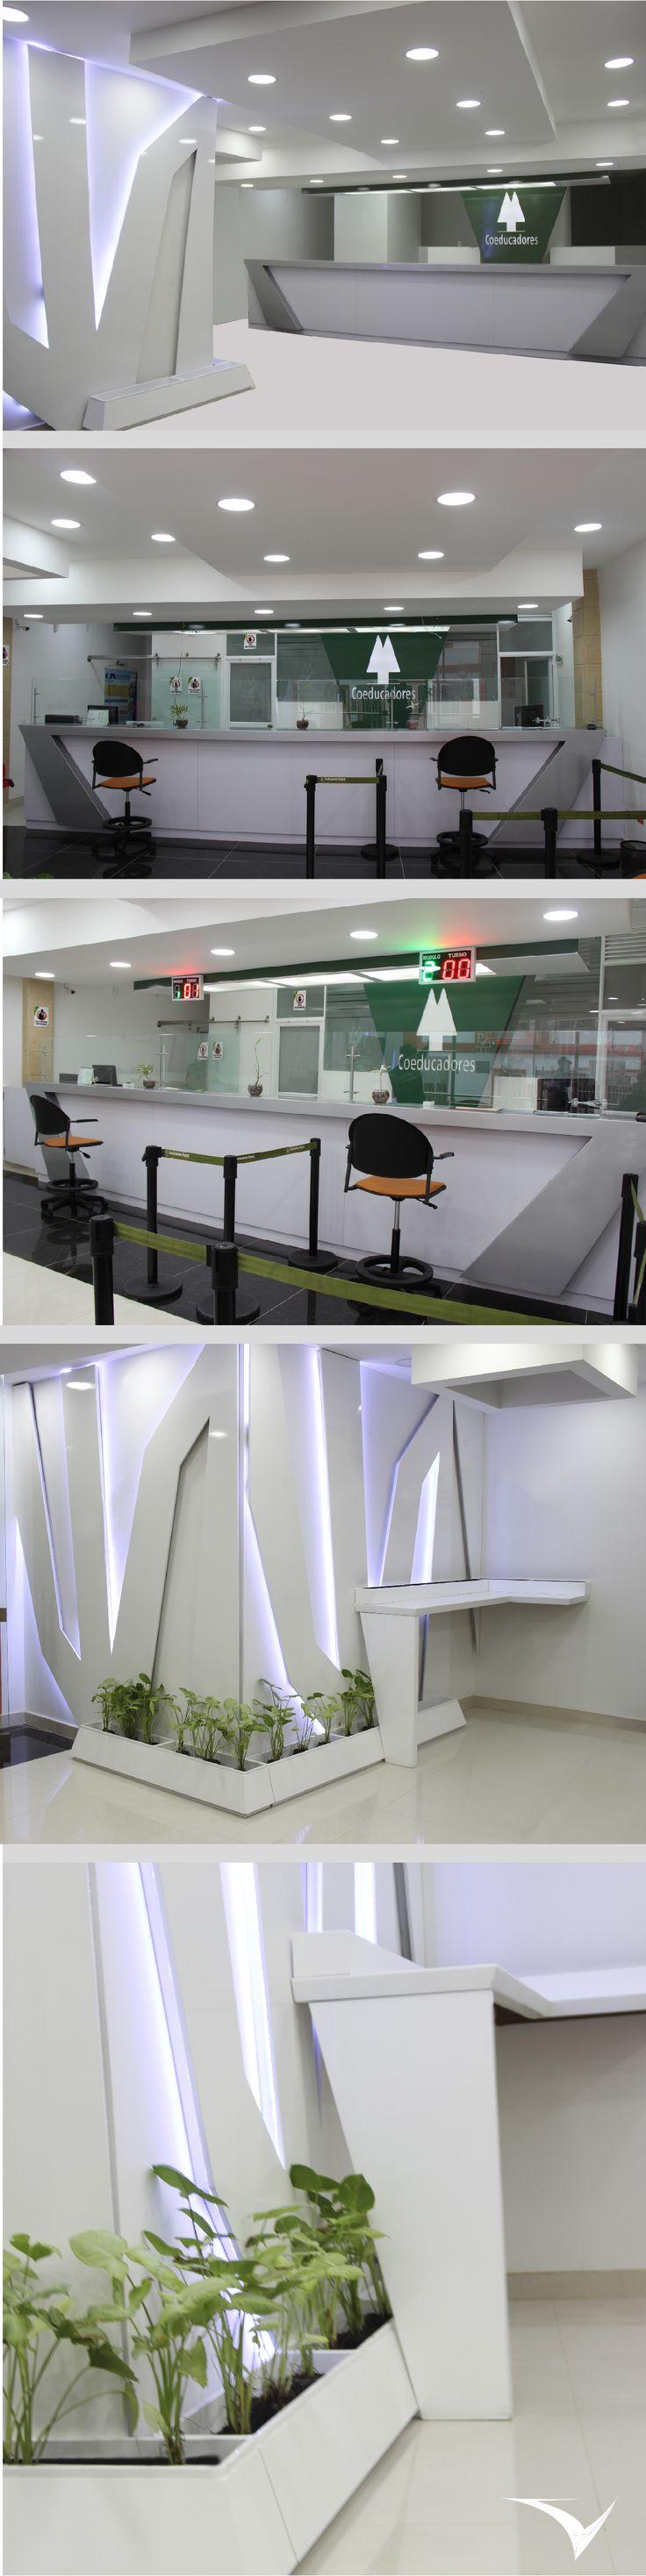 Diseño para el centro de servicios Coeducadores, el diseño integra el concepto de aerodinámica por medio de la construcción del mobiliario y apliques en madera  por medio de lineas dinámicas, ángulos irregulares y uso de tecnología led. Fotografía: Fabian Virviescas https://instagram.com/vircorpdesign/